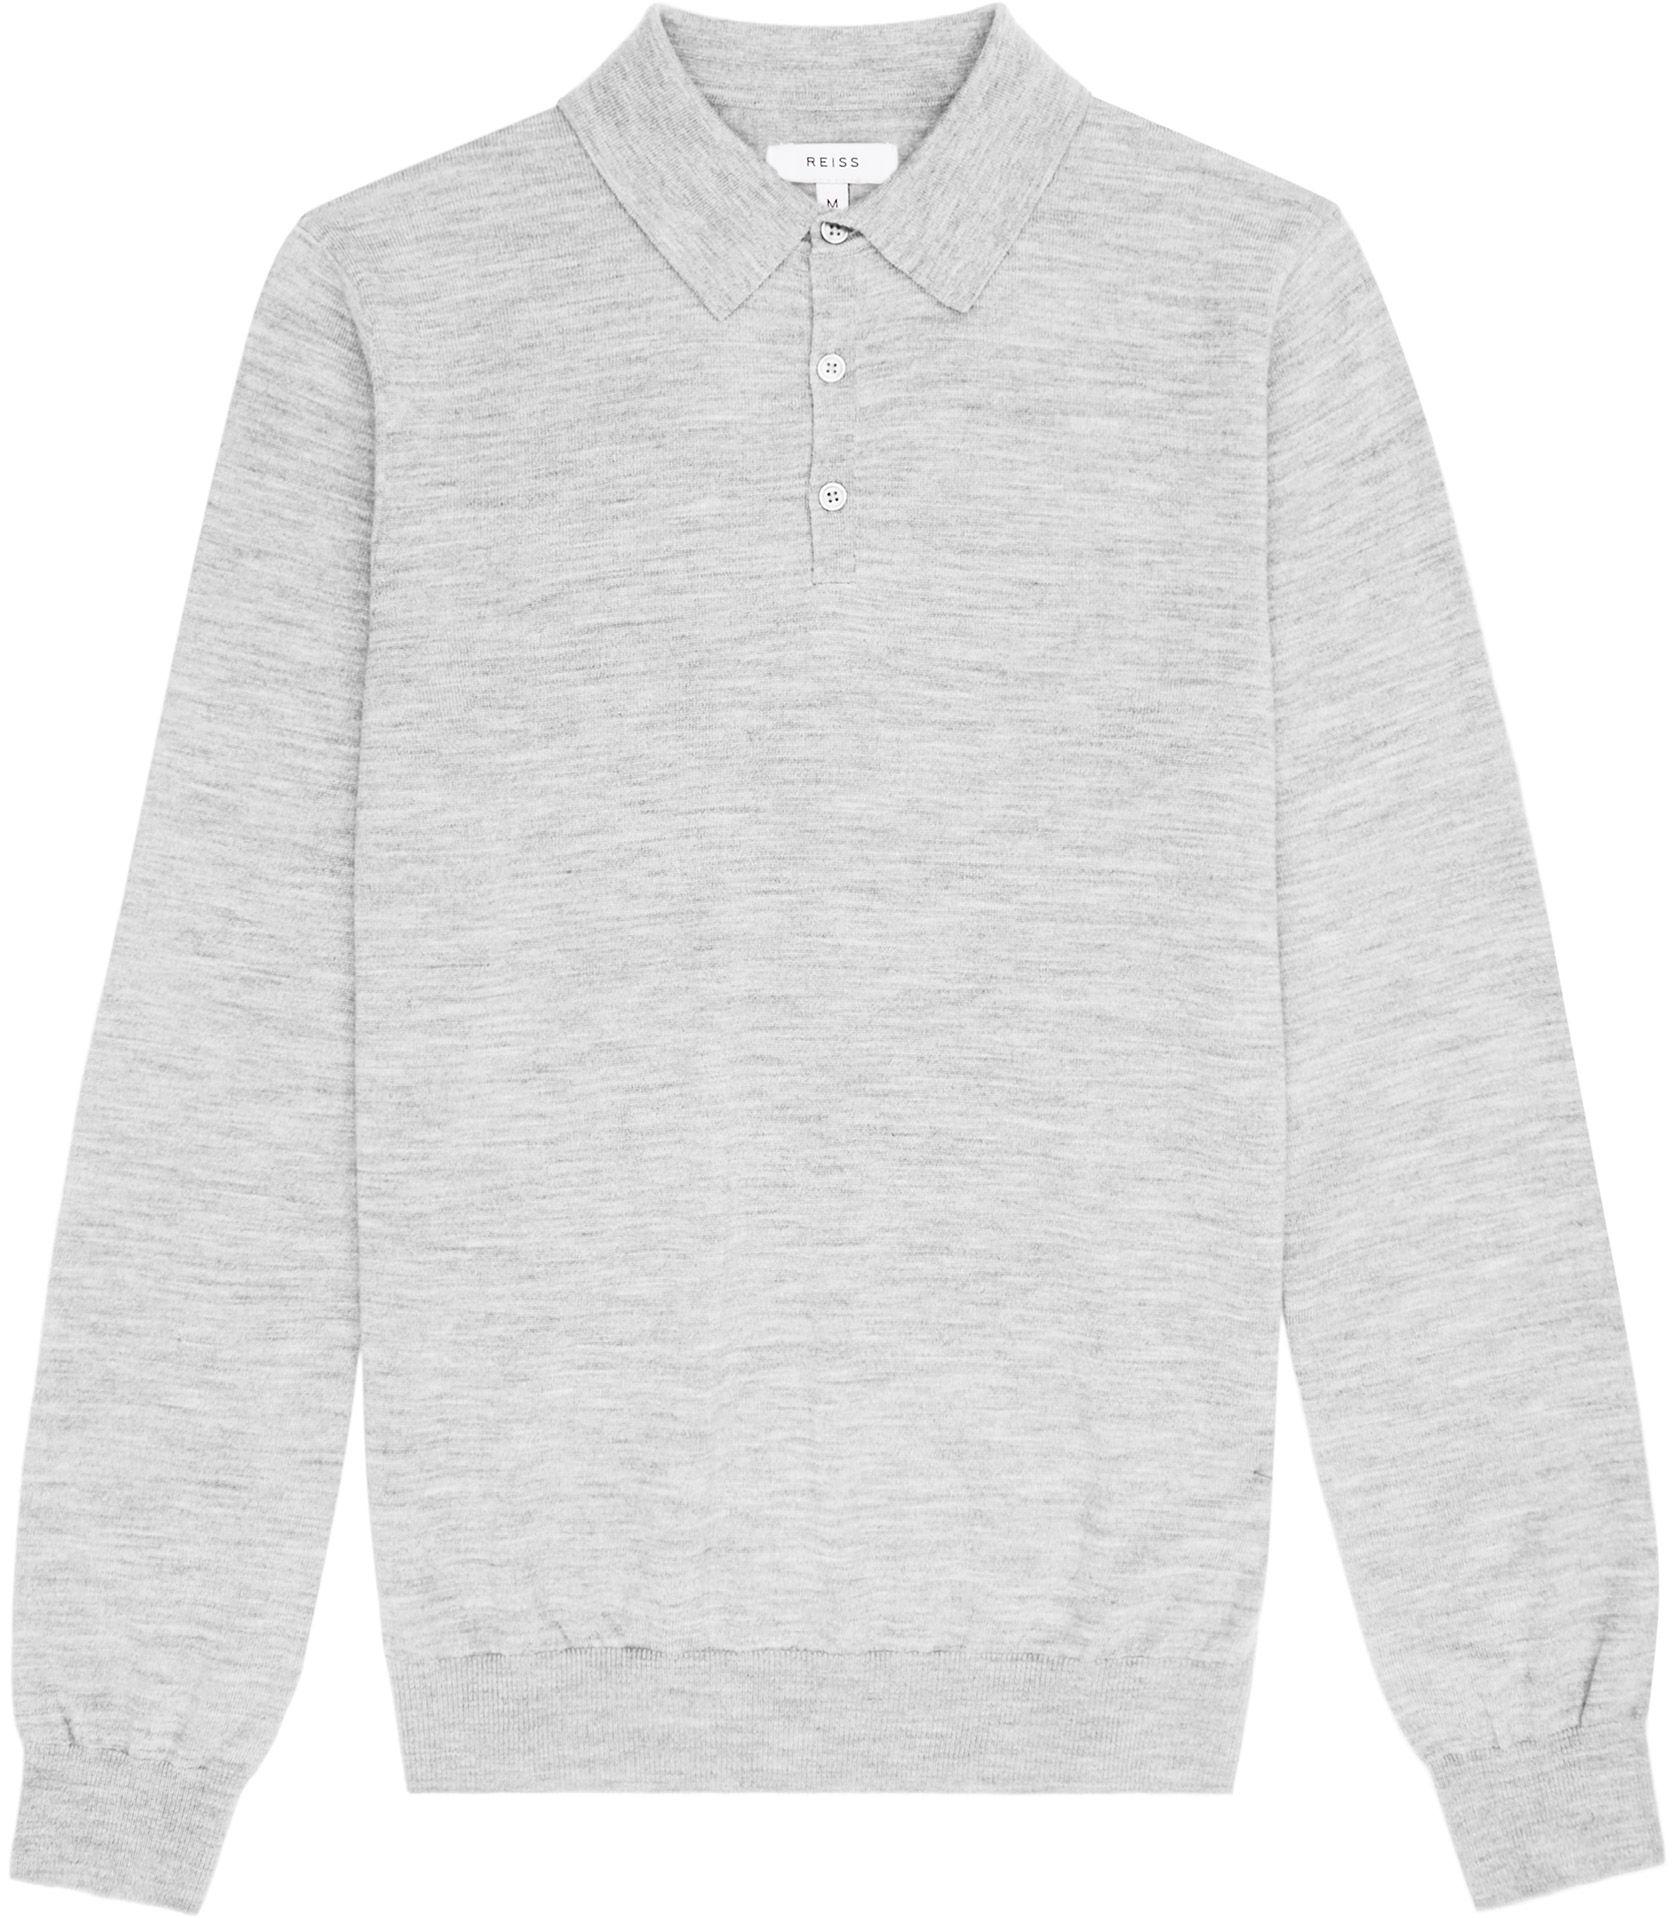 Black t shirt reiss - Mens Grey Merino Wool Polo Shirt Reiss Mansion